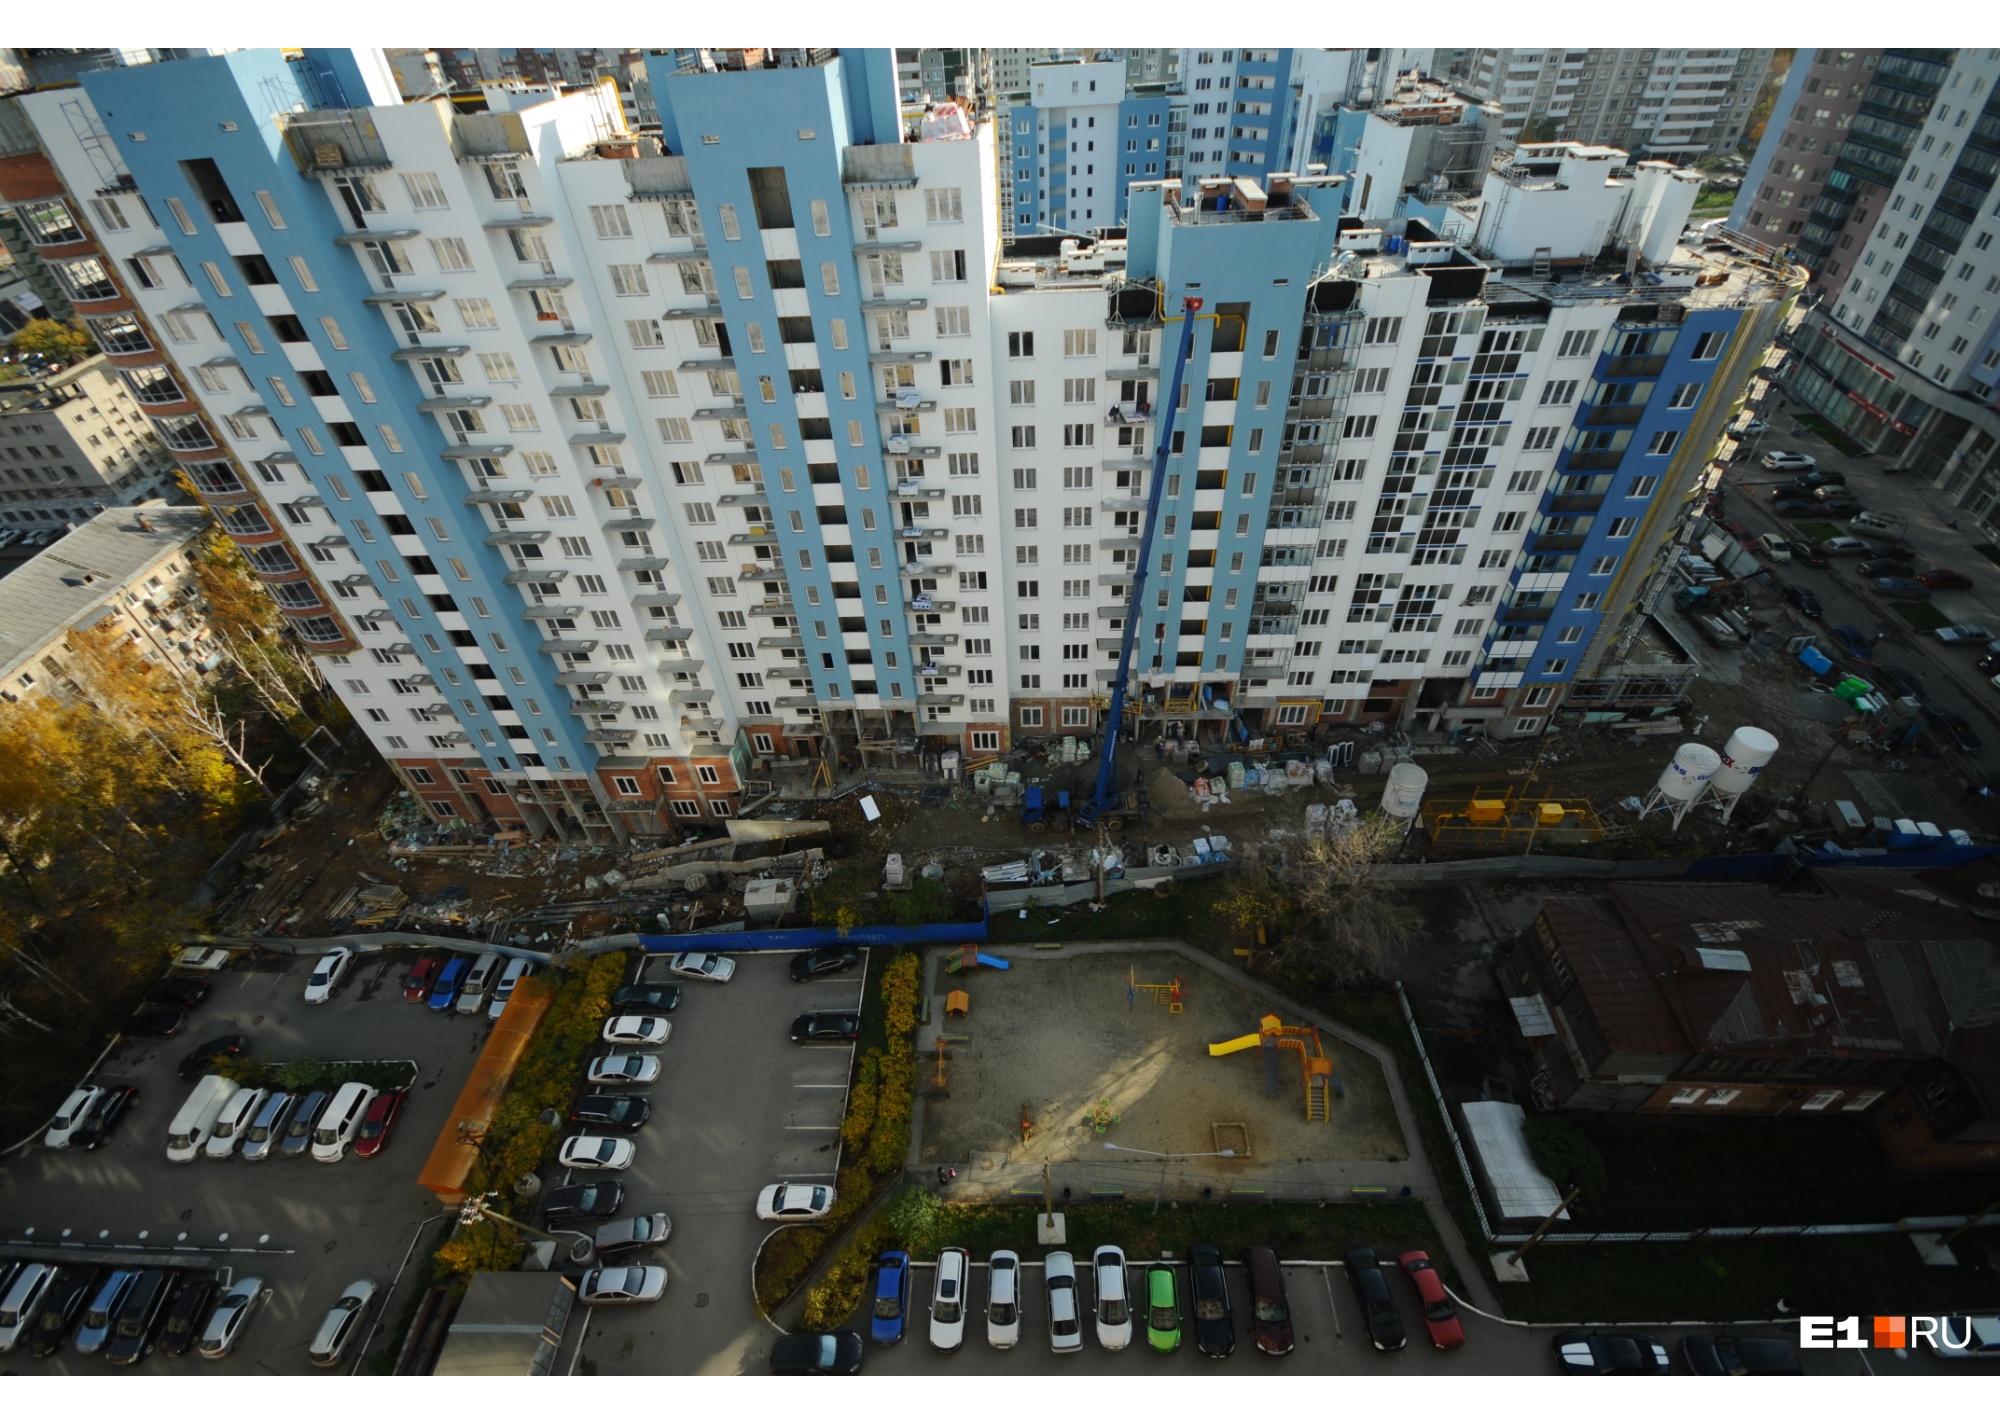 Одно из преимуществ Екатеринбурга — большой выбор среди новостроек